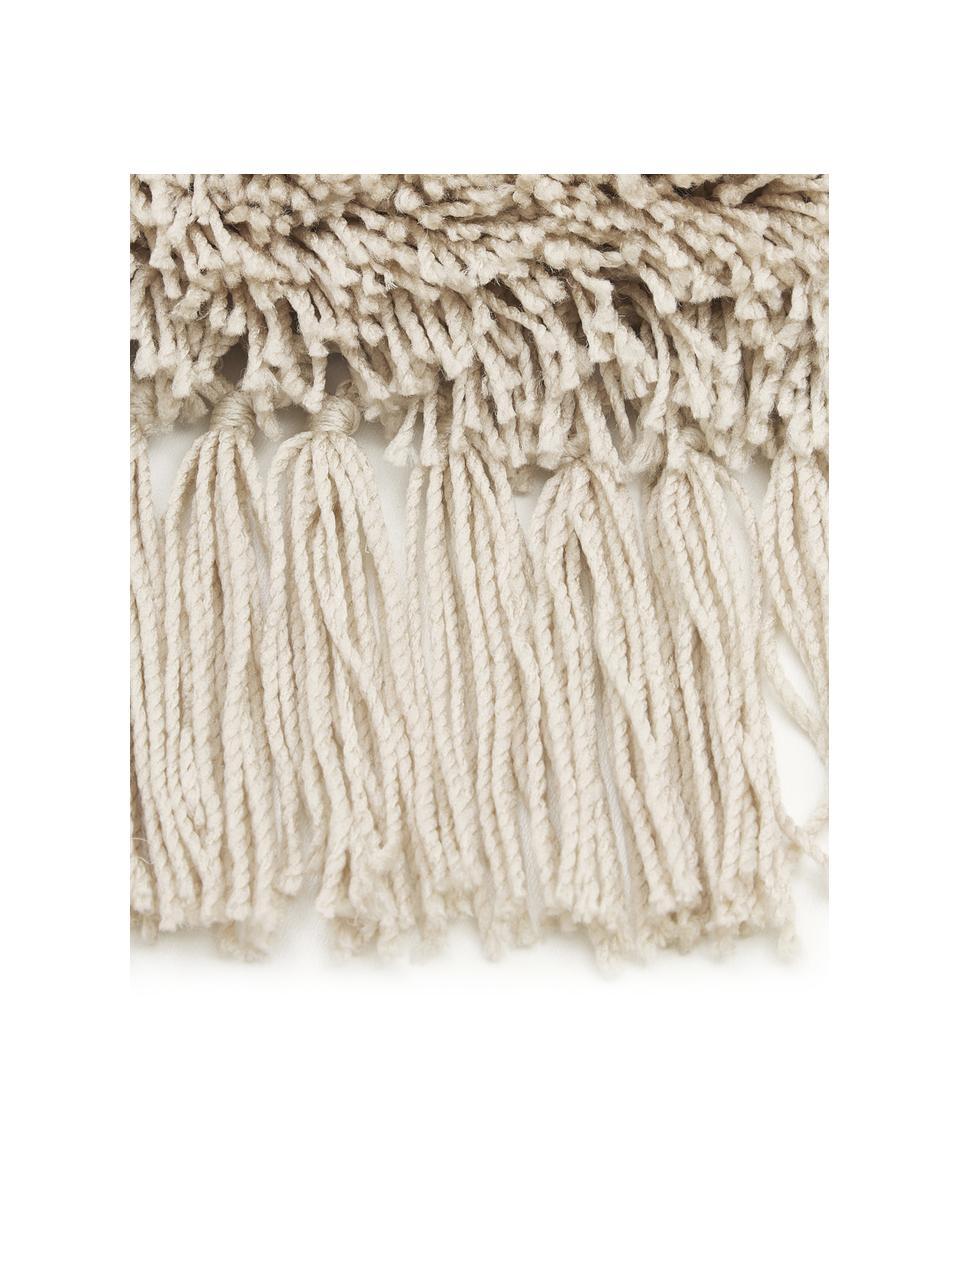 Fluffy rond hoogpolig vloerkleed Dreamy met franjes, Bovenzijde: 100% polyester, Onderzijde: 100% katoen, Crèmekleurig, Ø 200 cm (maat L)